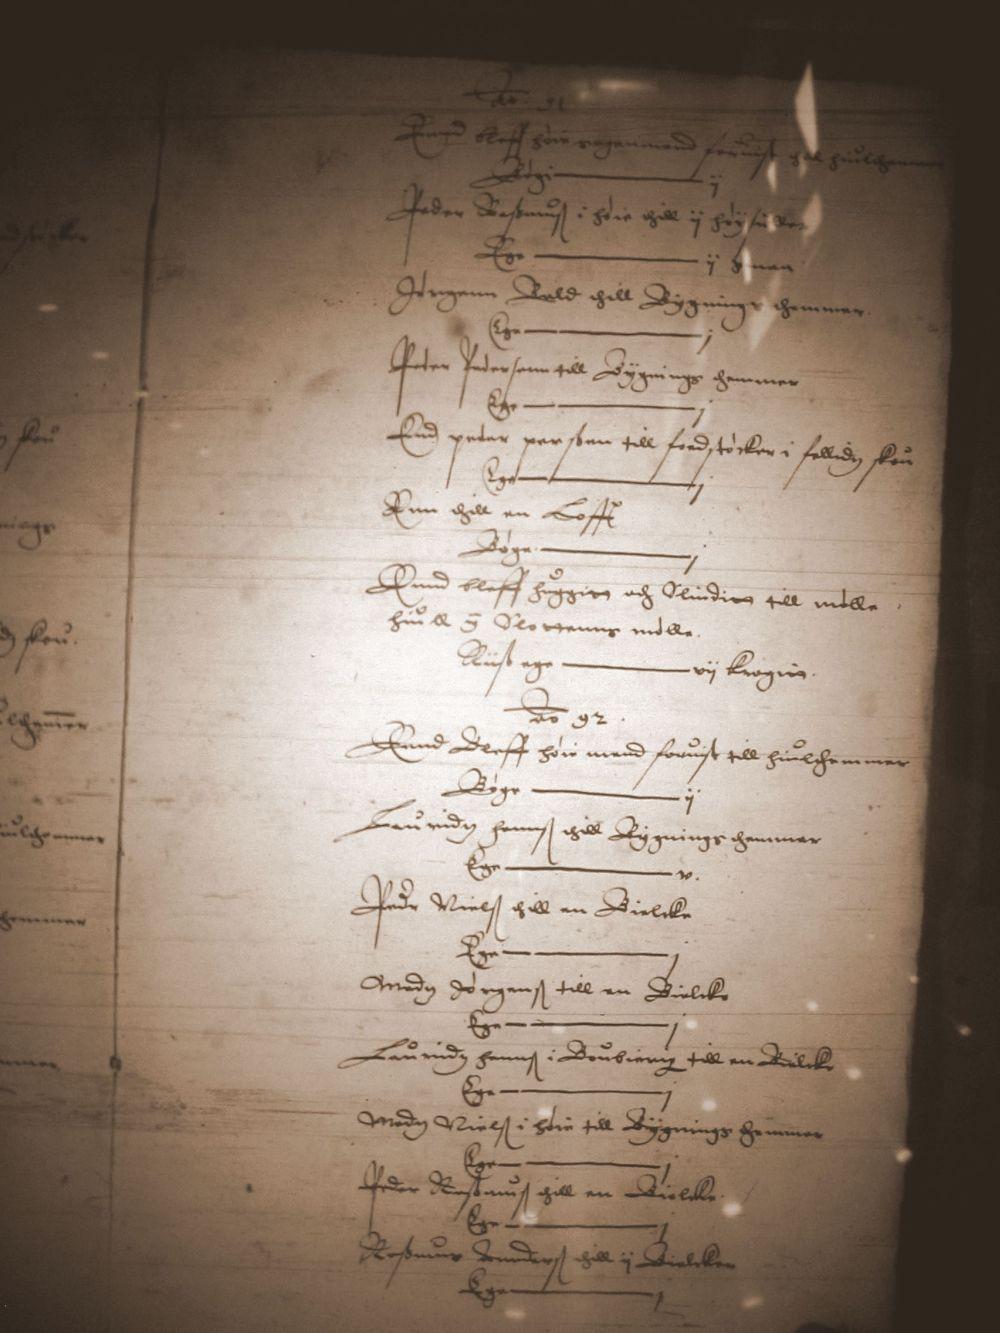 Nyborg len regnskab 1598-99 - udvisning af tømmer til bønder i Lunde sogn